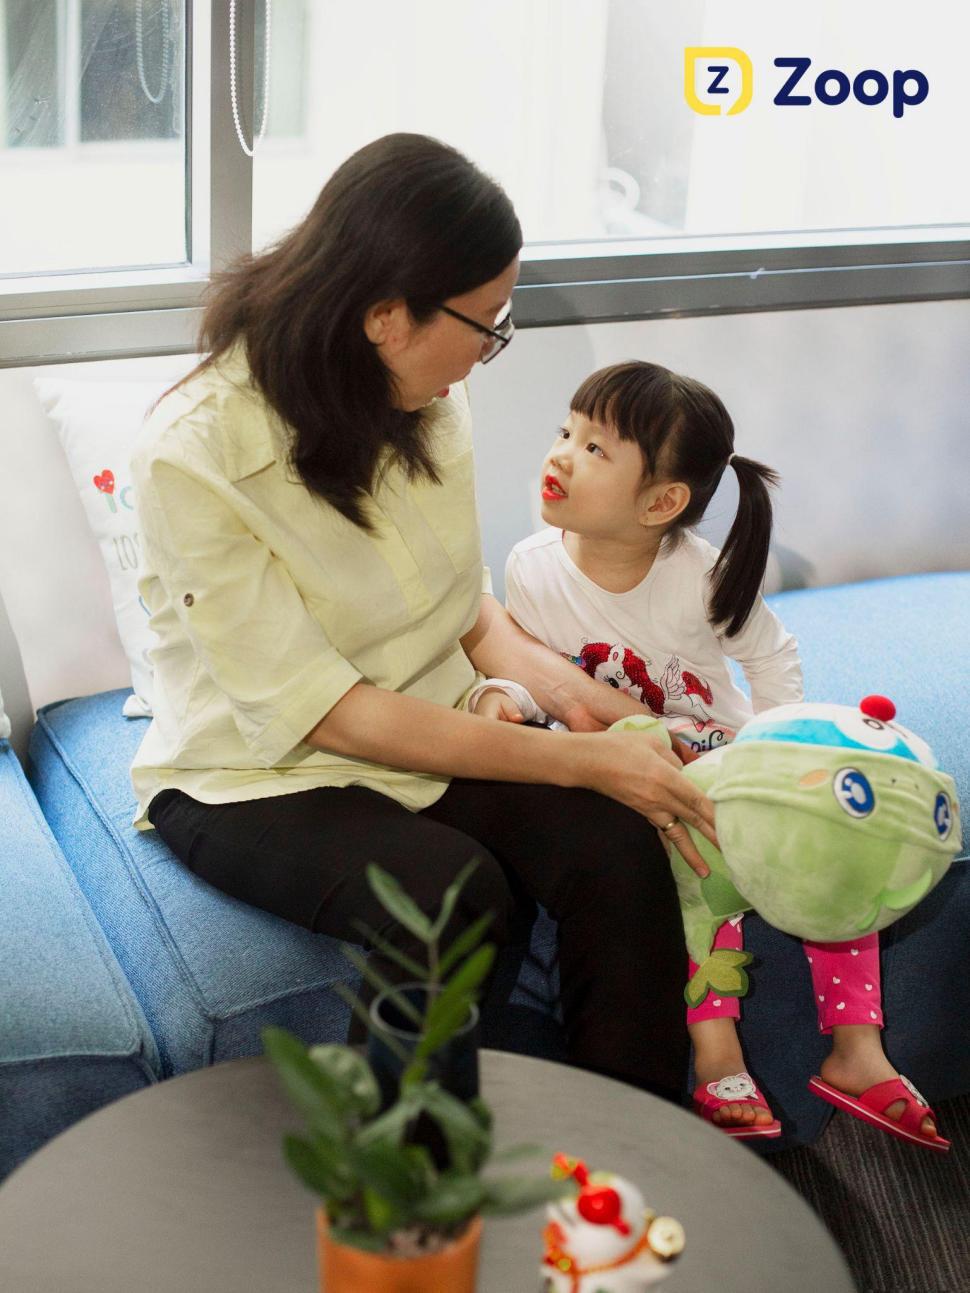 Bí quyết chăm sóc sức khỏe tiện lợi trong gia đình hiện đại